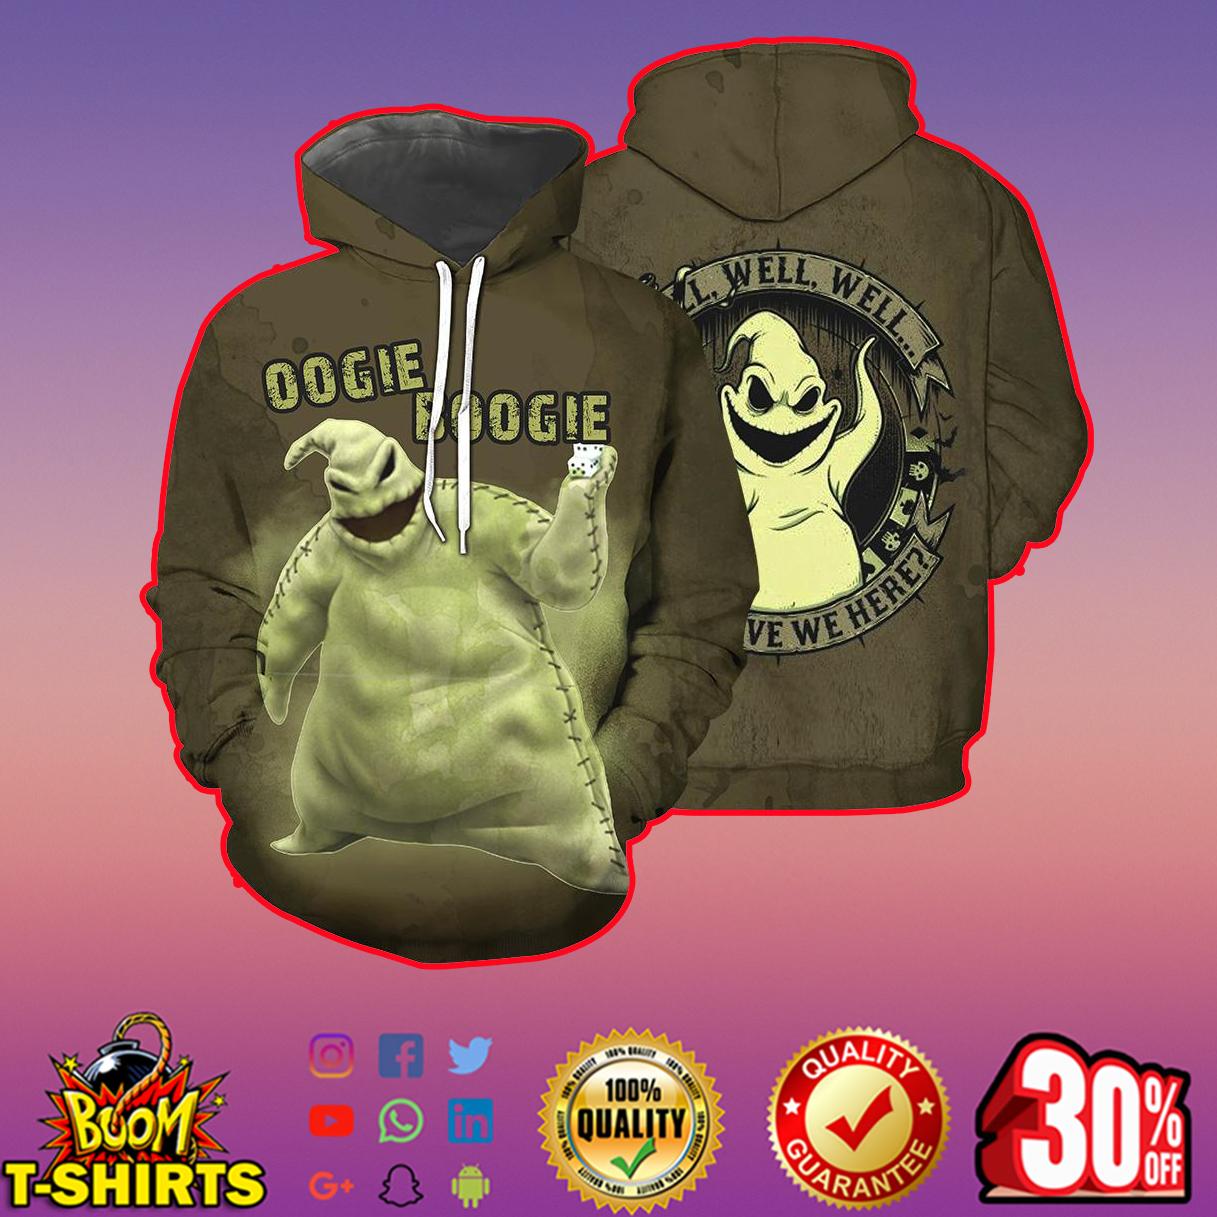 Oogie Boogie 3d shirt, 3d hoodie - hoodie 3d